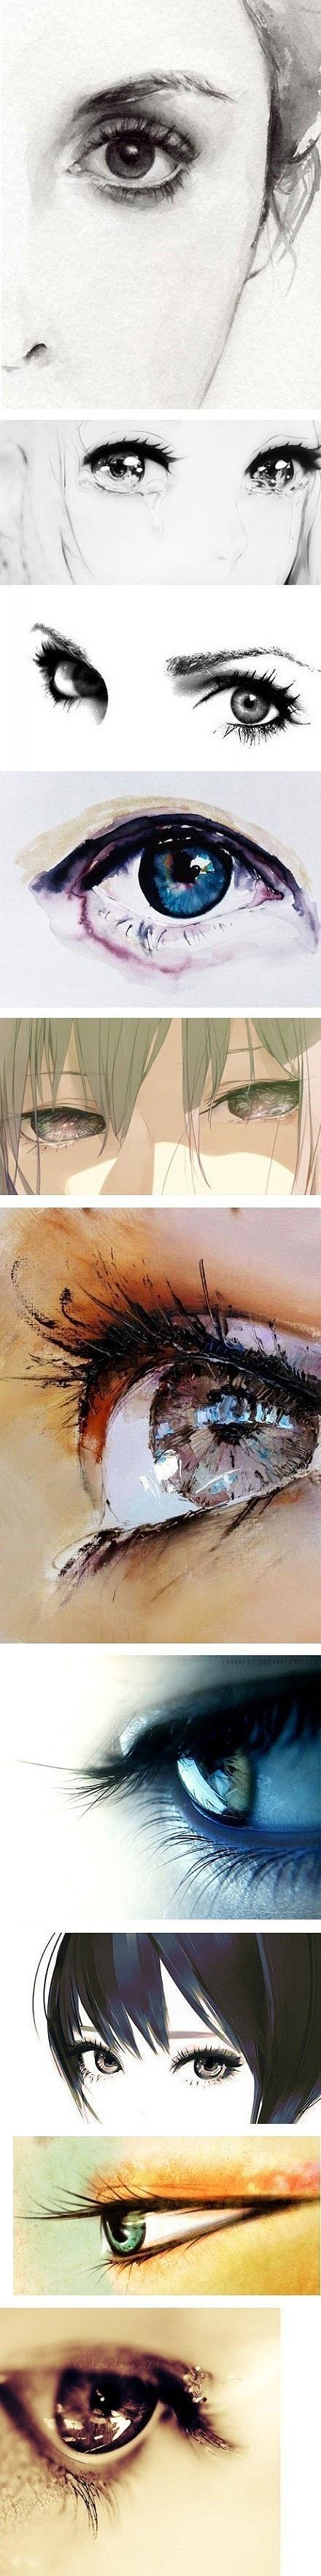 插画手绘 一个眼神,一段感情,一个梦。